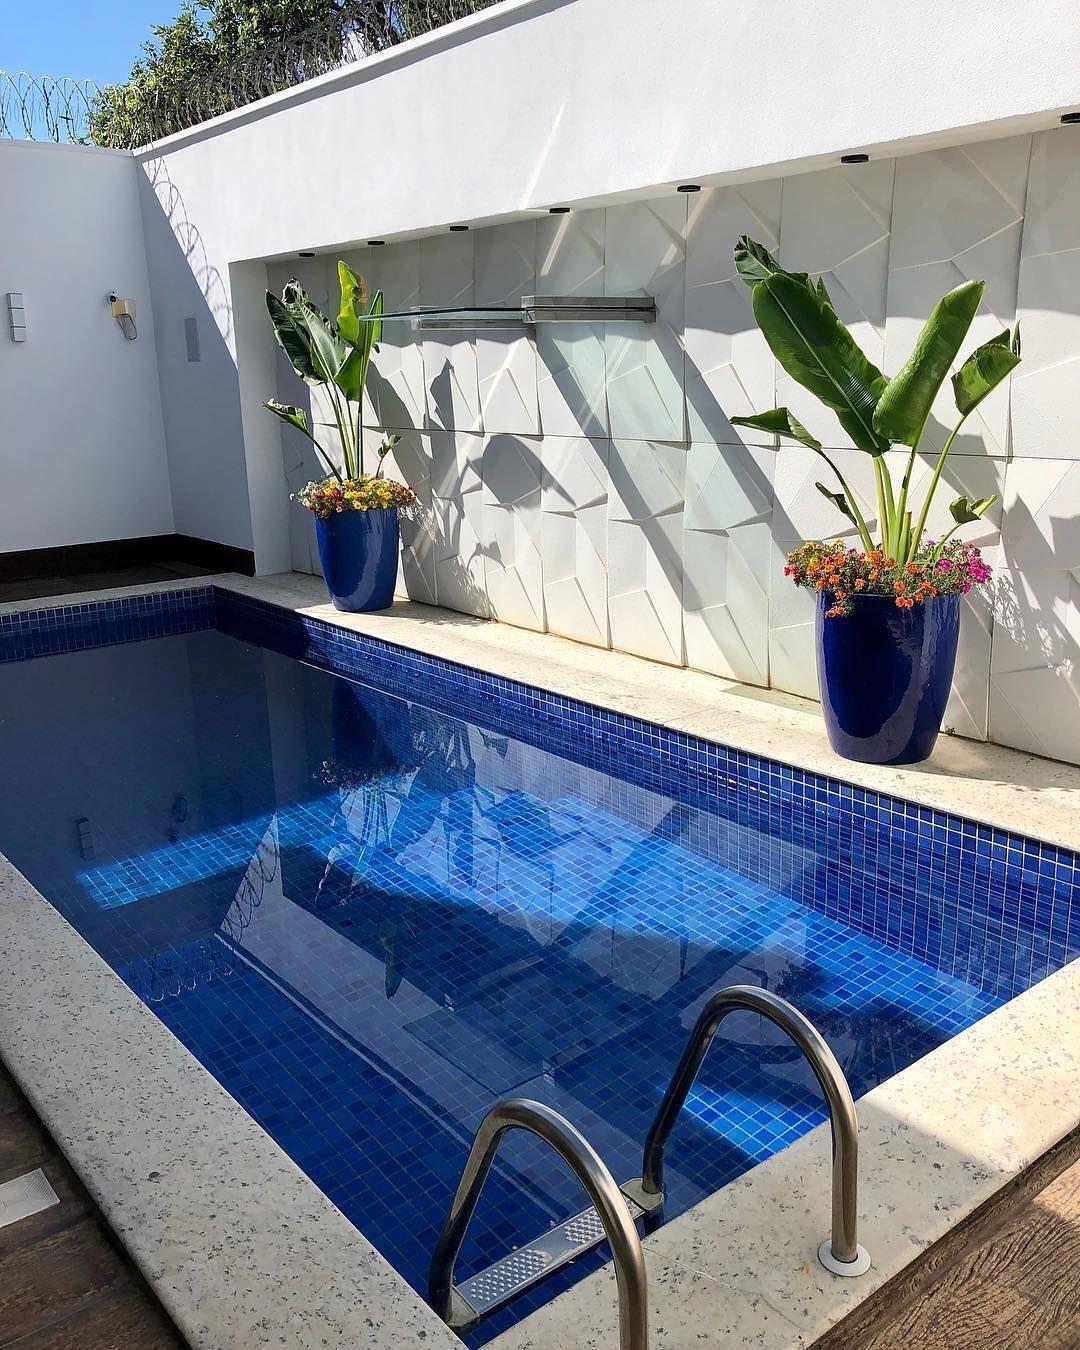 """REPERTÓRIO CASA • LUCAS KENJI on Instagram """"Adorei o revestimento 3D utilizado na área da piscina e os vasos também complementaram super bem! 🥰❤️ Projeto Arqforma Arquitetura …"""" is part of Small backyard pools -"""